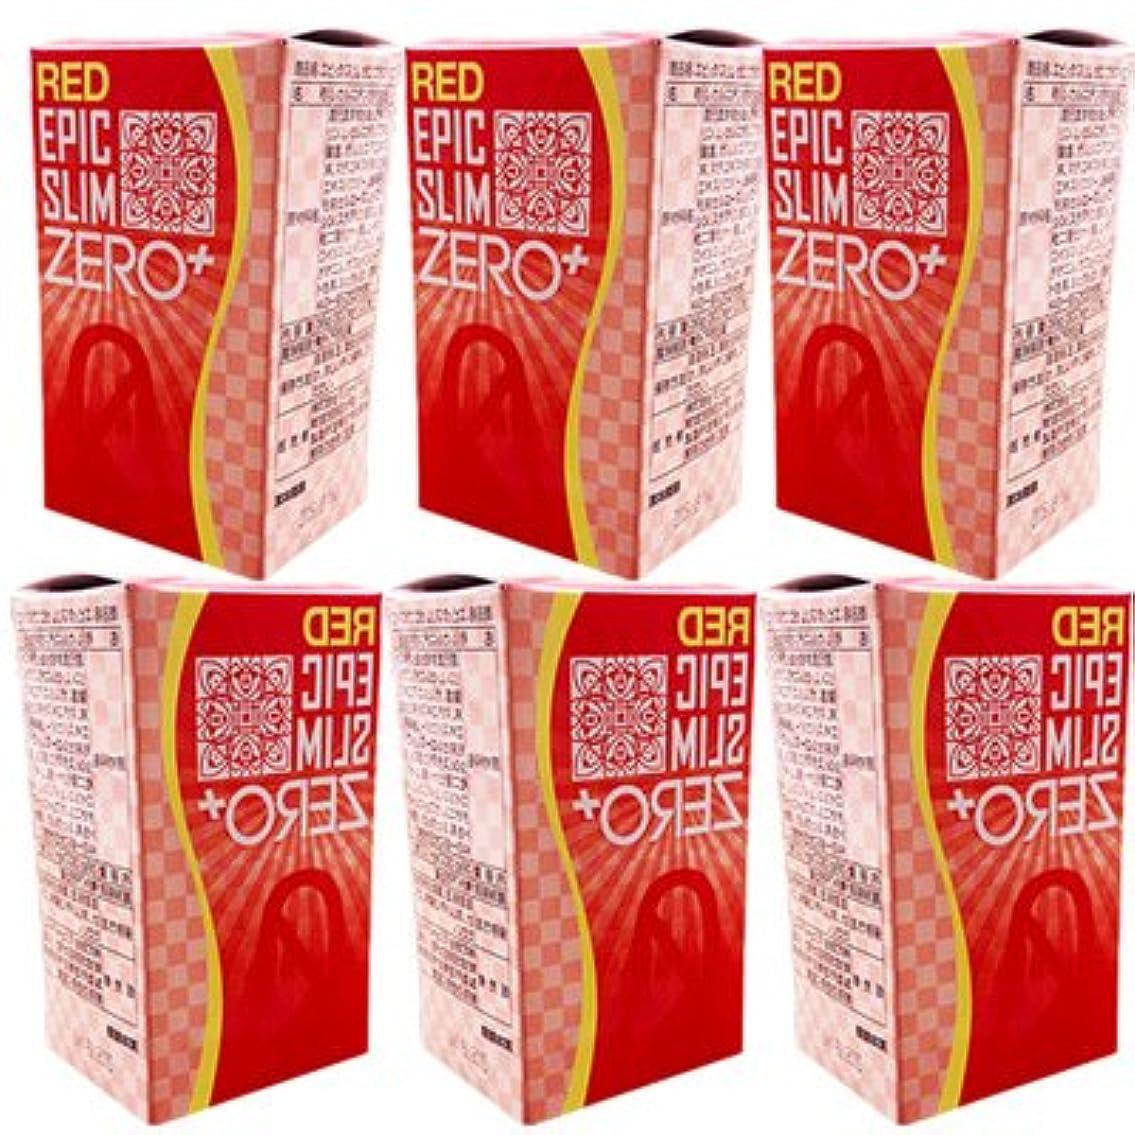 使役一緒威するレッド エピックスリム ゼロ レッド 6個セット!  Epic Slim ZERO RED ×6個